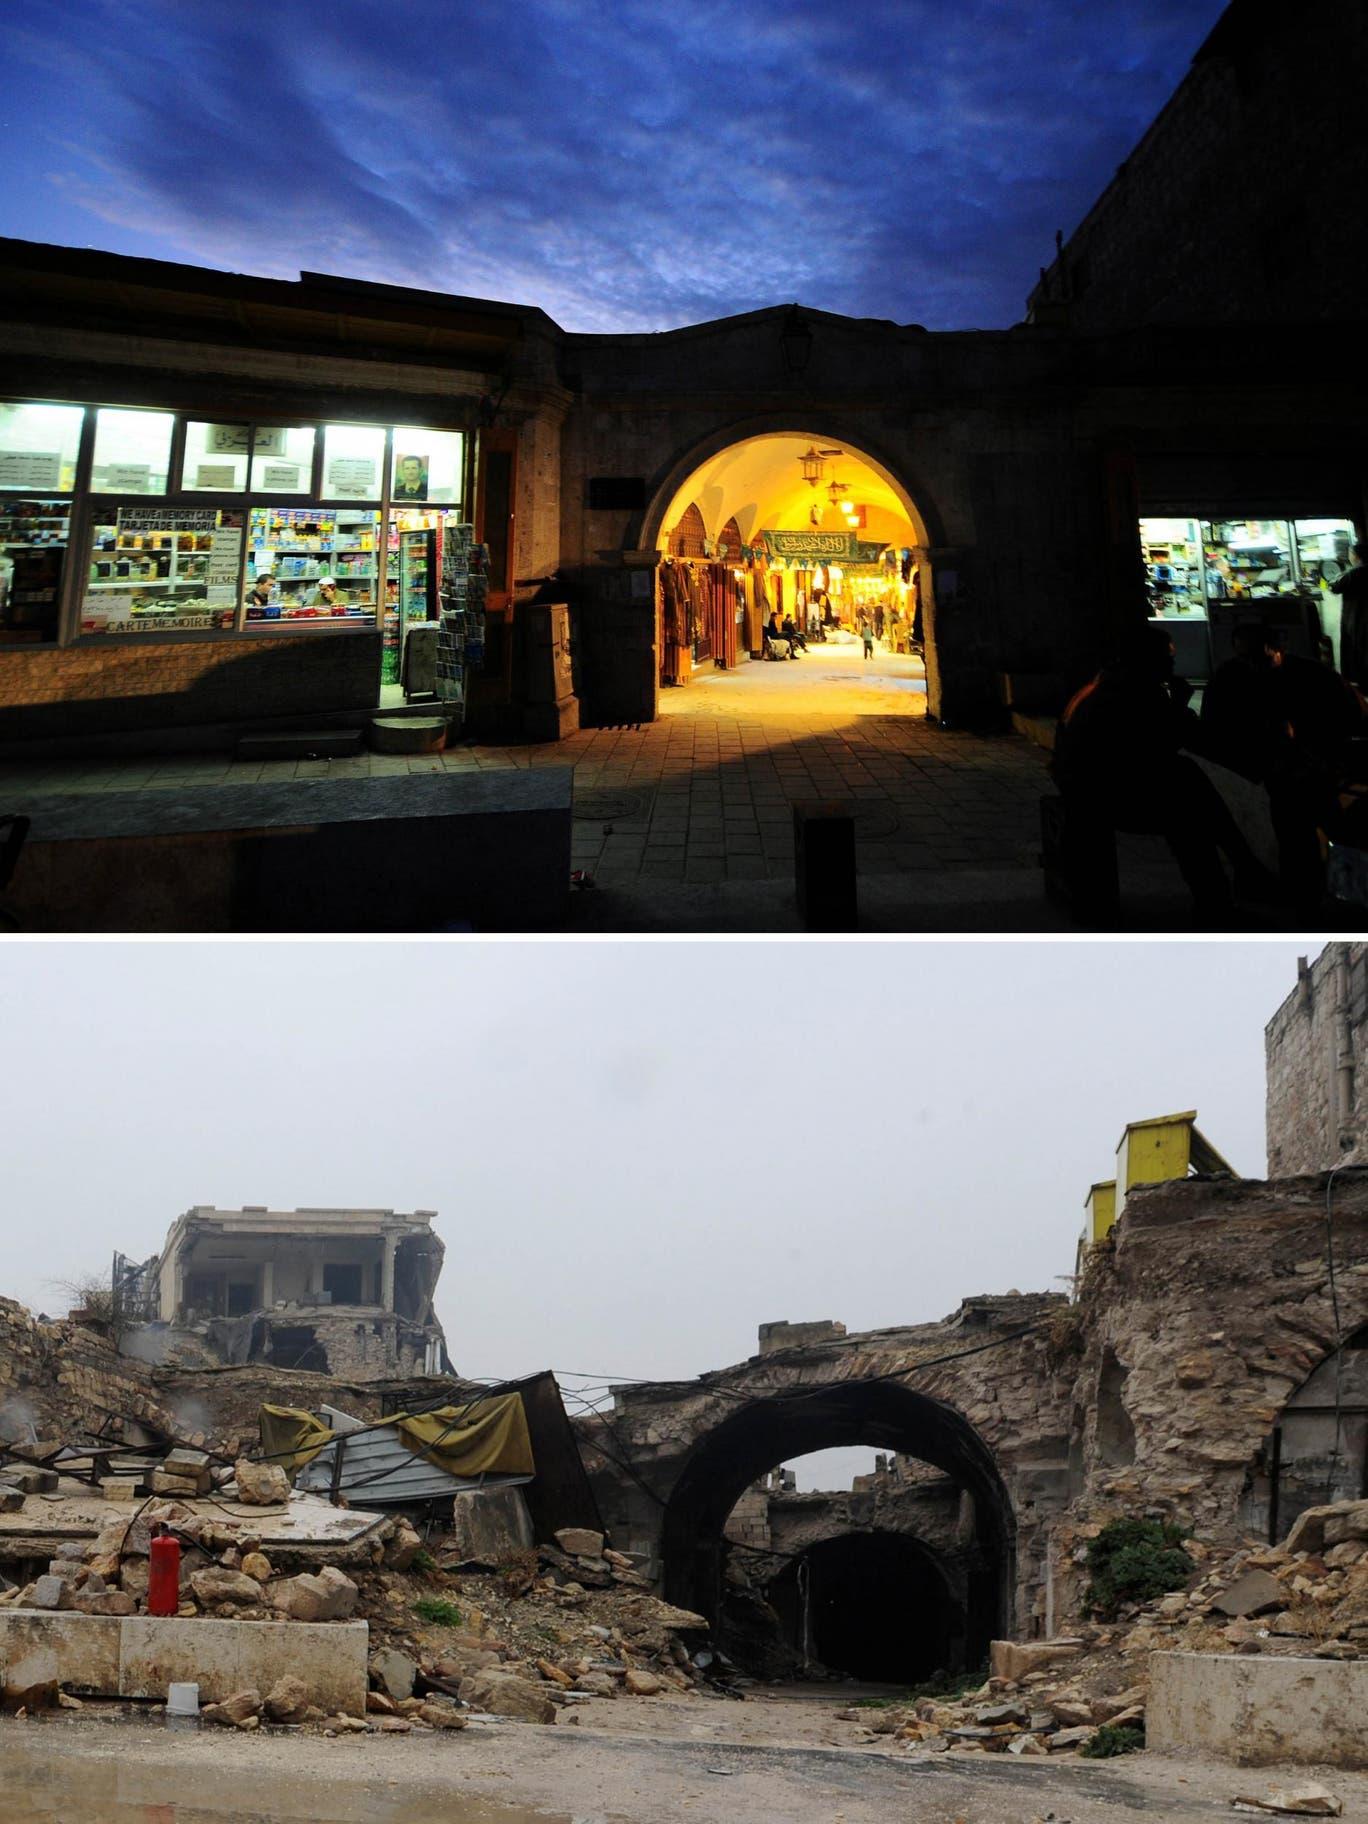 △2008年(上)與戰亂后(下),阿勒頗一處露天市場